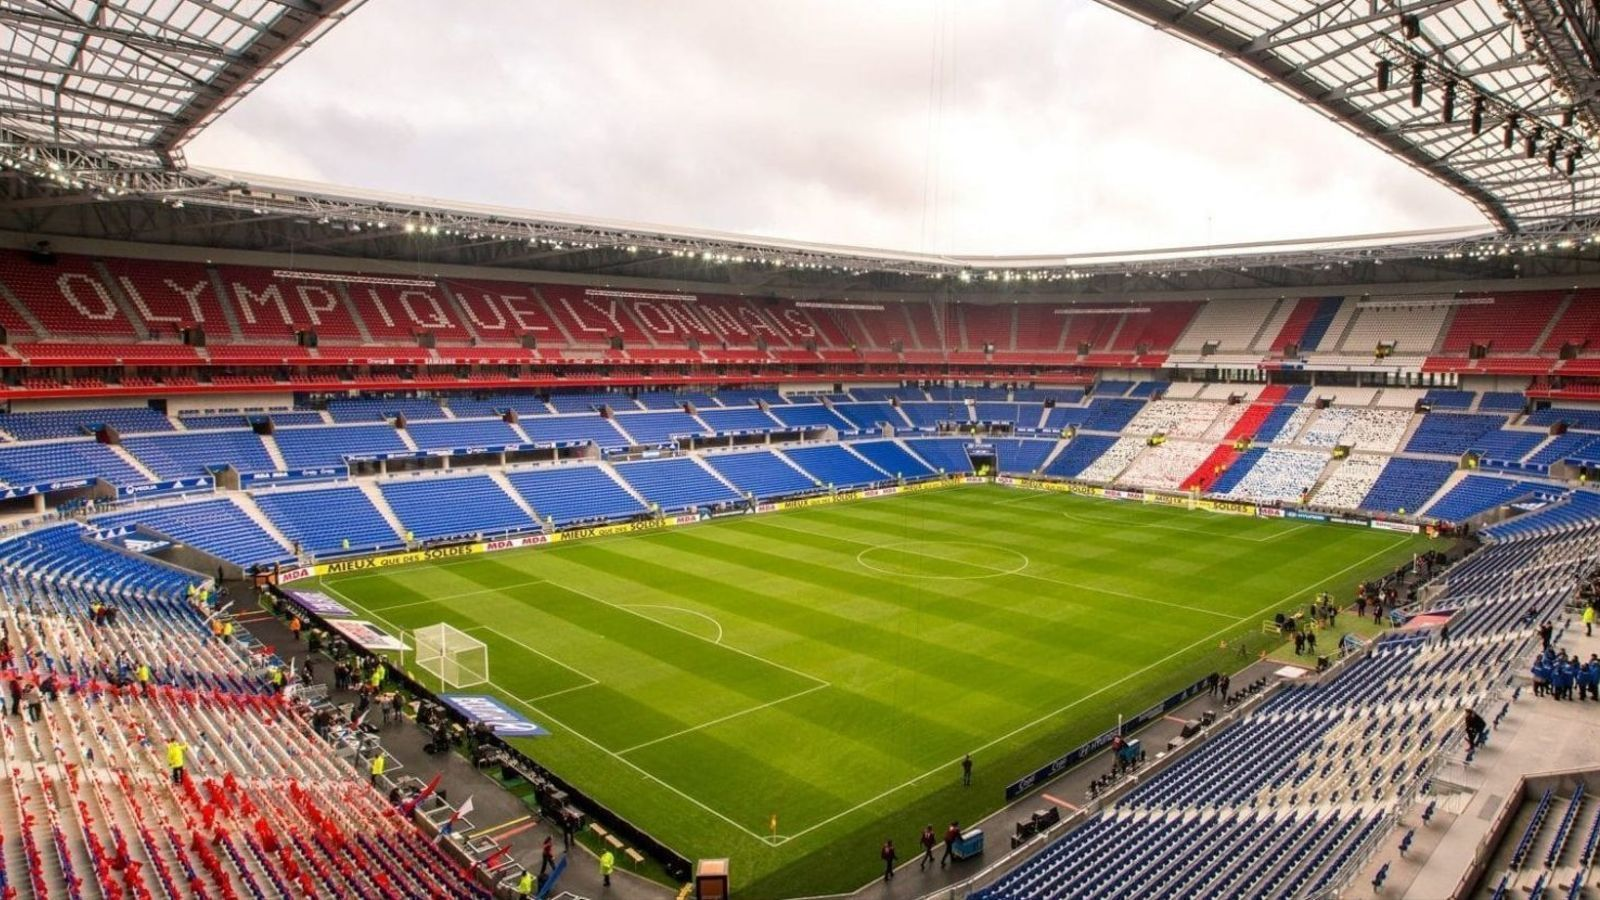 L'estadi de l'Olympique de Lió